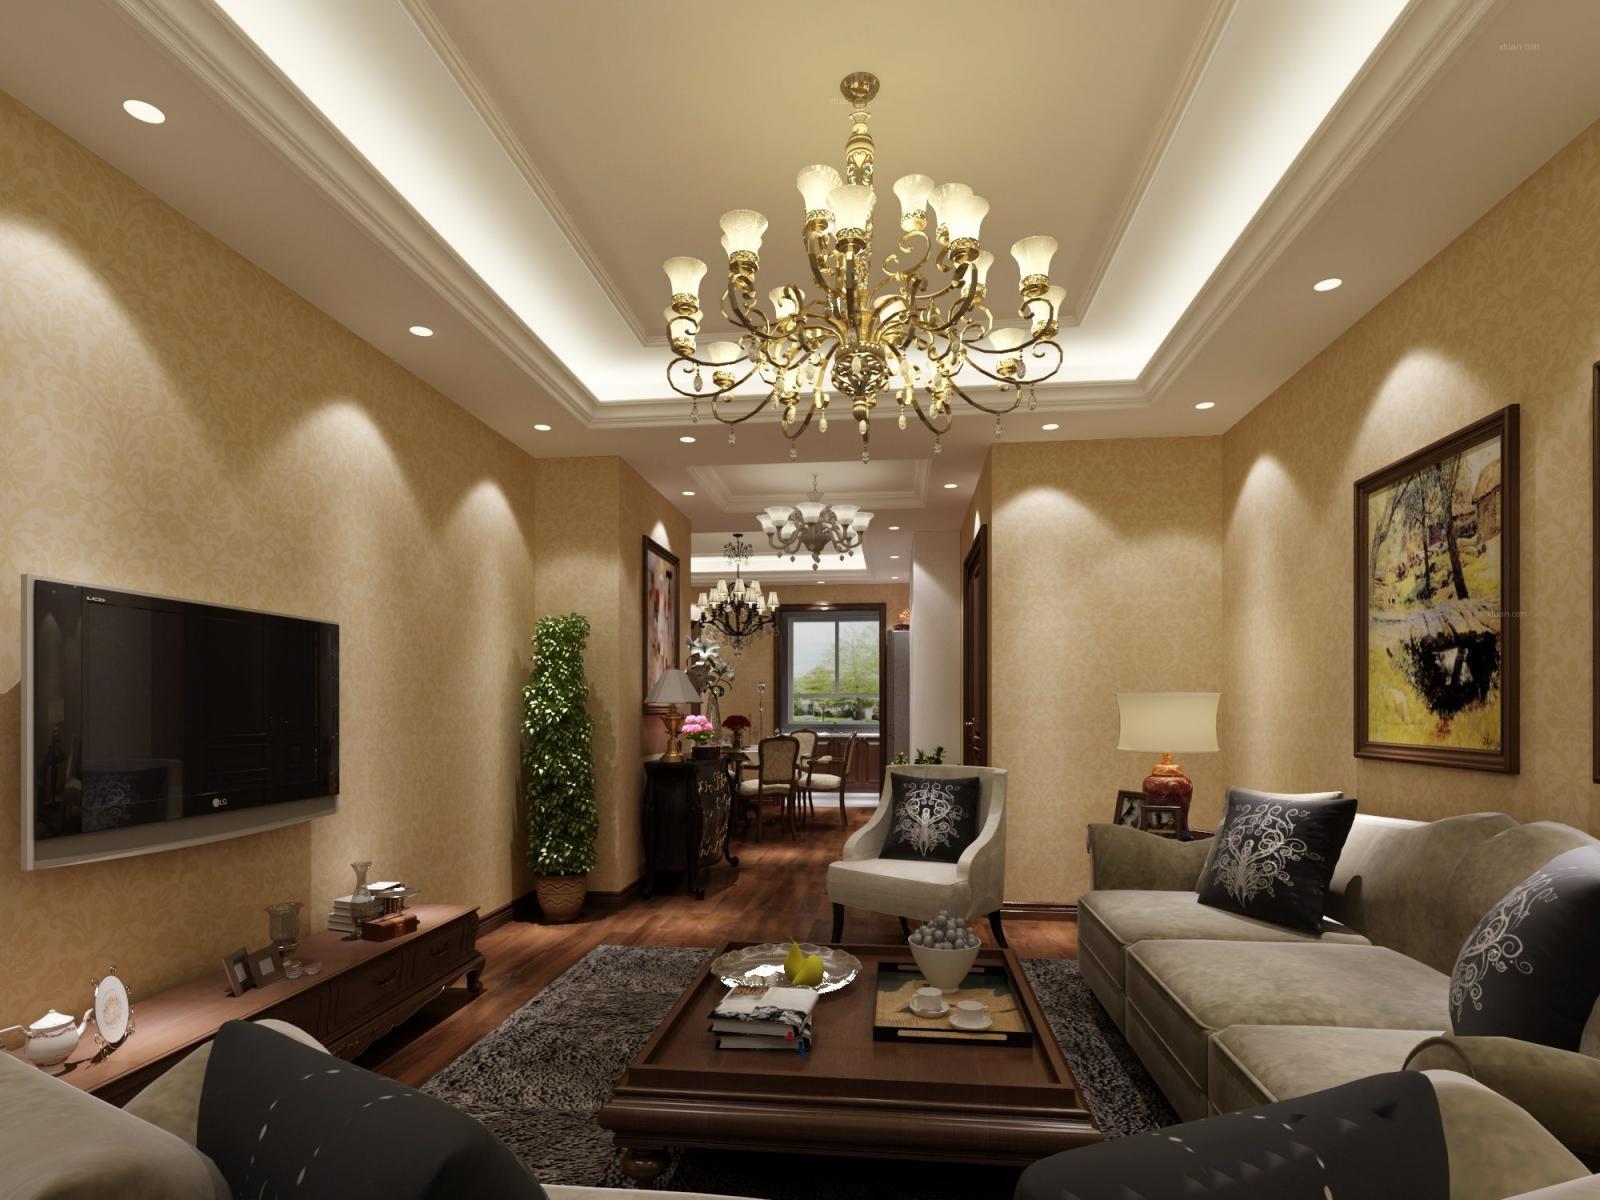 三居室欧式风格客厅_碧桂园凤凰城装修效果图-x团装修图片